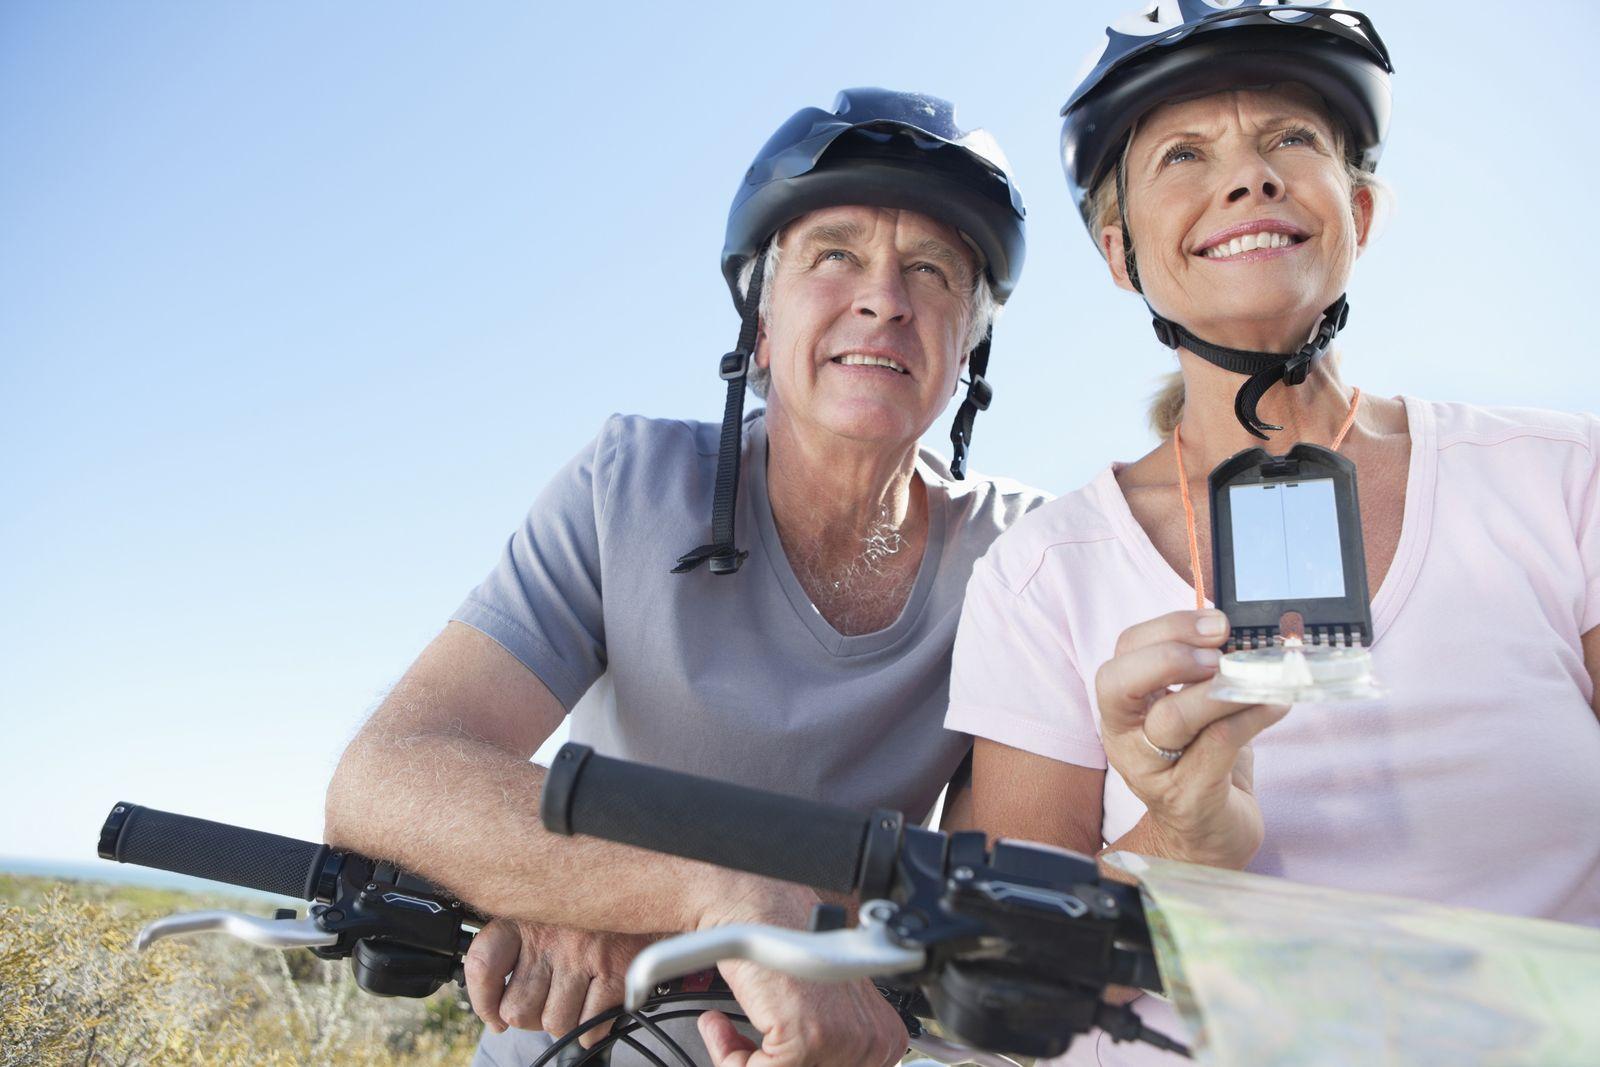 NICHT MEHR VERWENDEN! - Radfahrer / Senioren